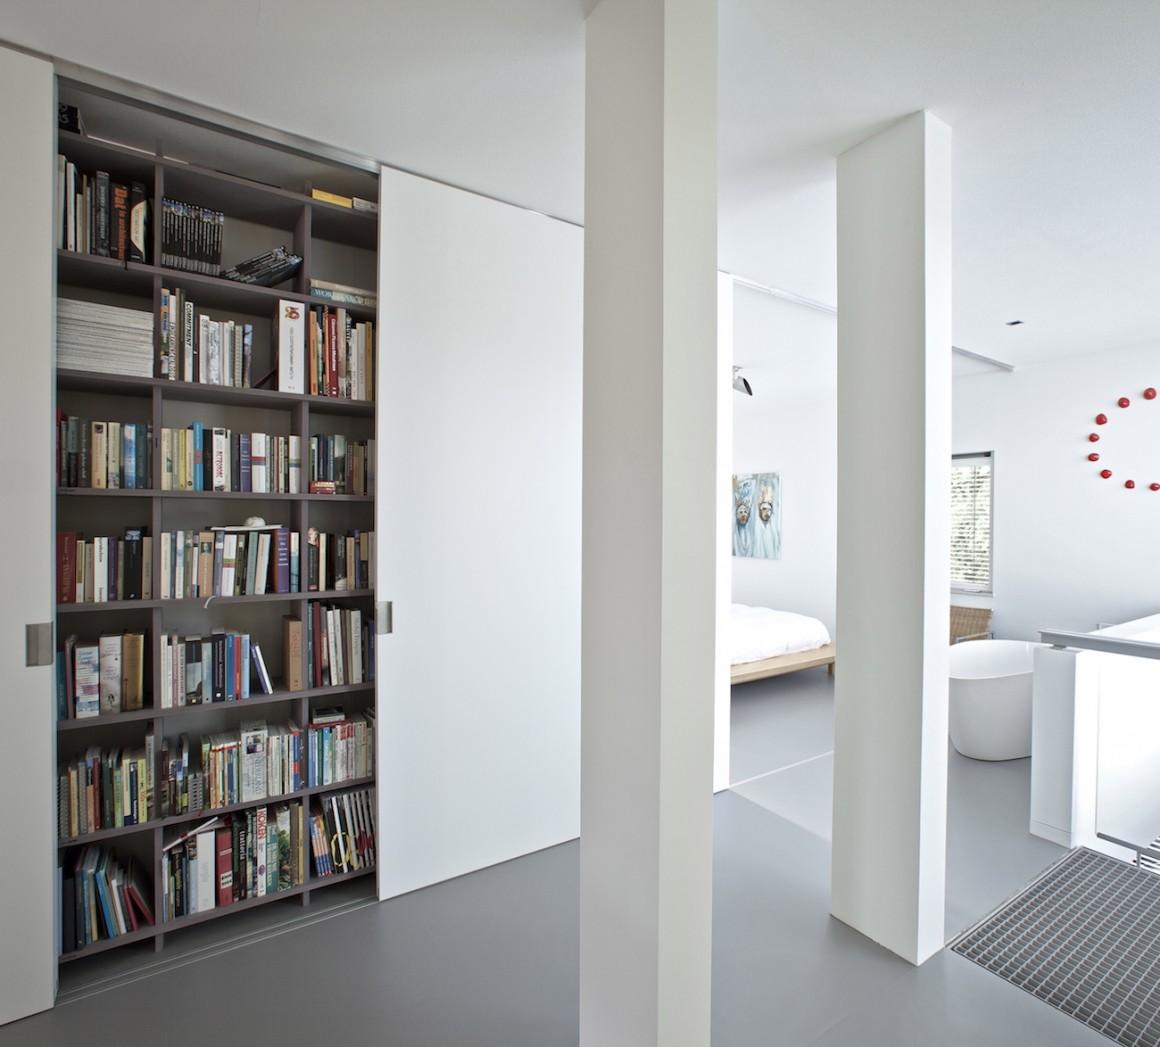 stadshuis_poststraat_tilburg_16 slaapkamer kast open